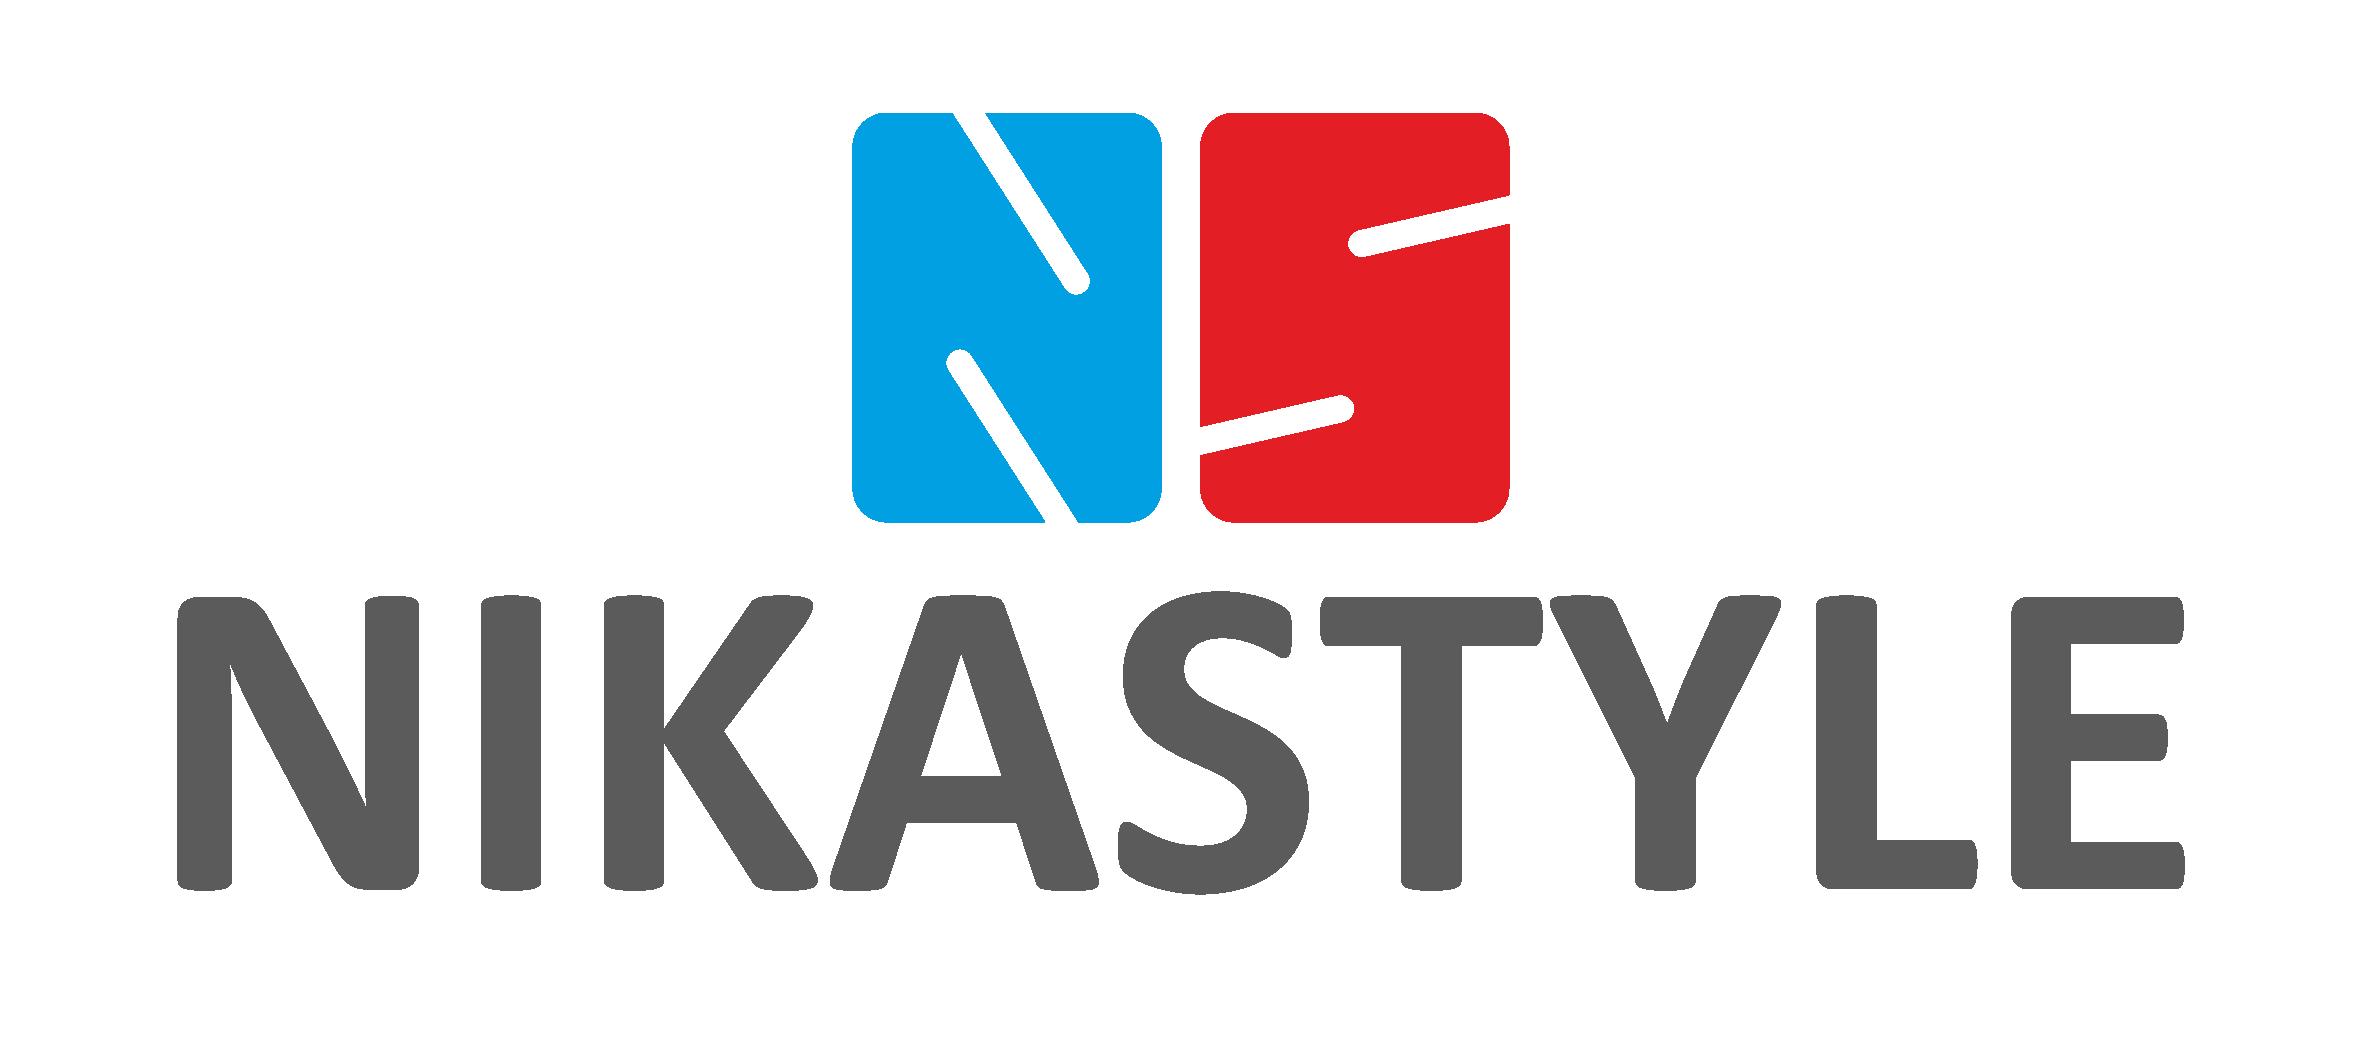 nikastyle.ru